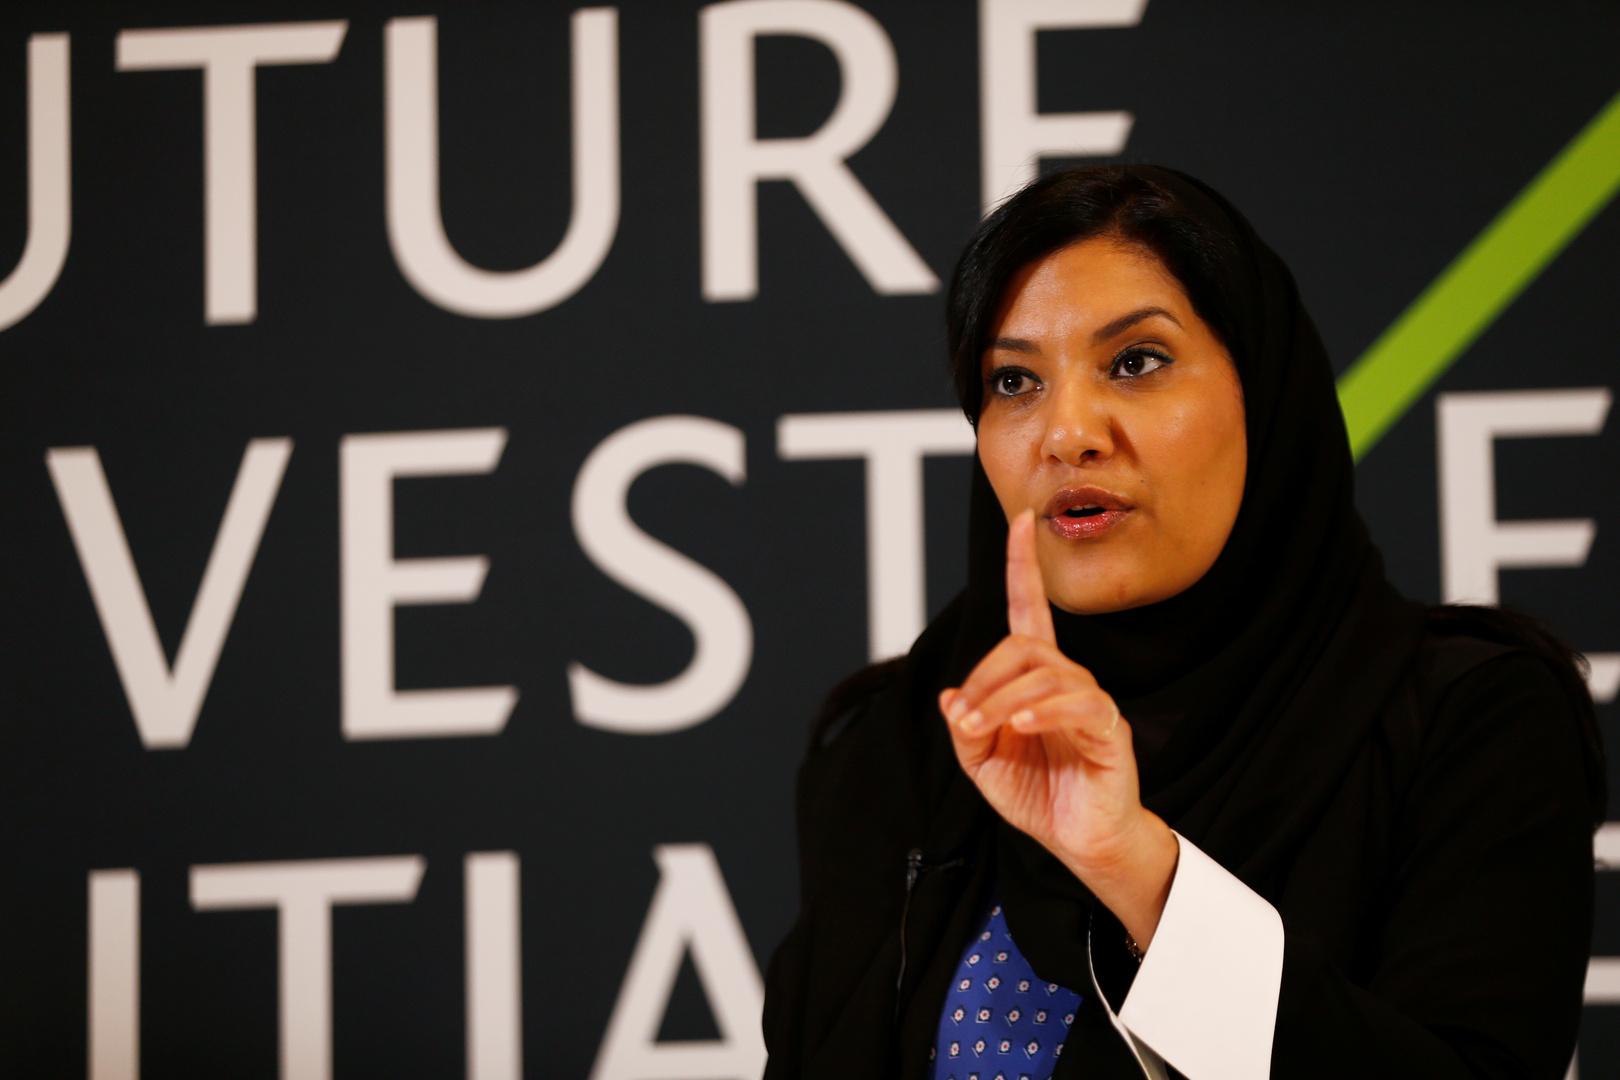 سفيرة الرياض لدى واشنطن، الأميرة ريما بنت بندر آل سعود